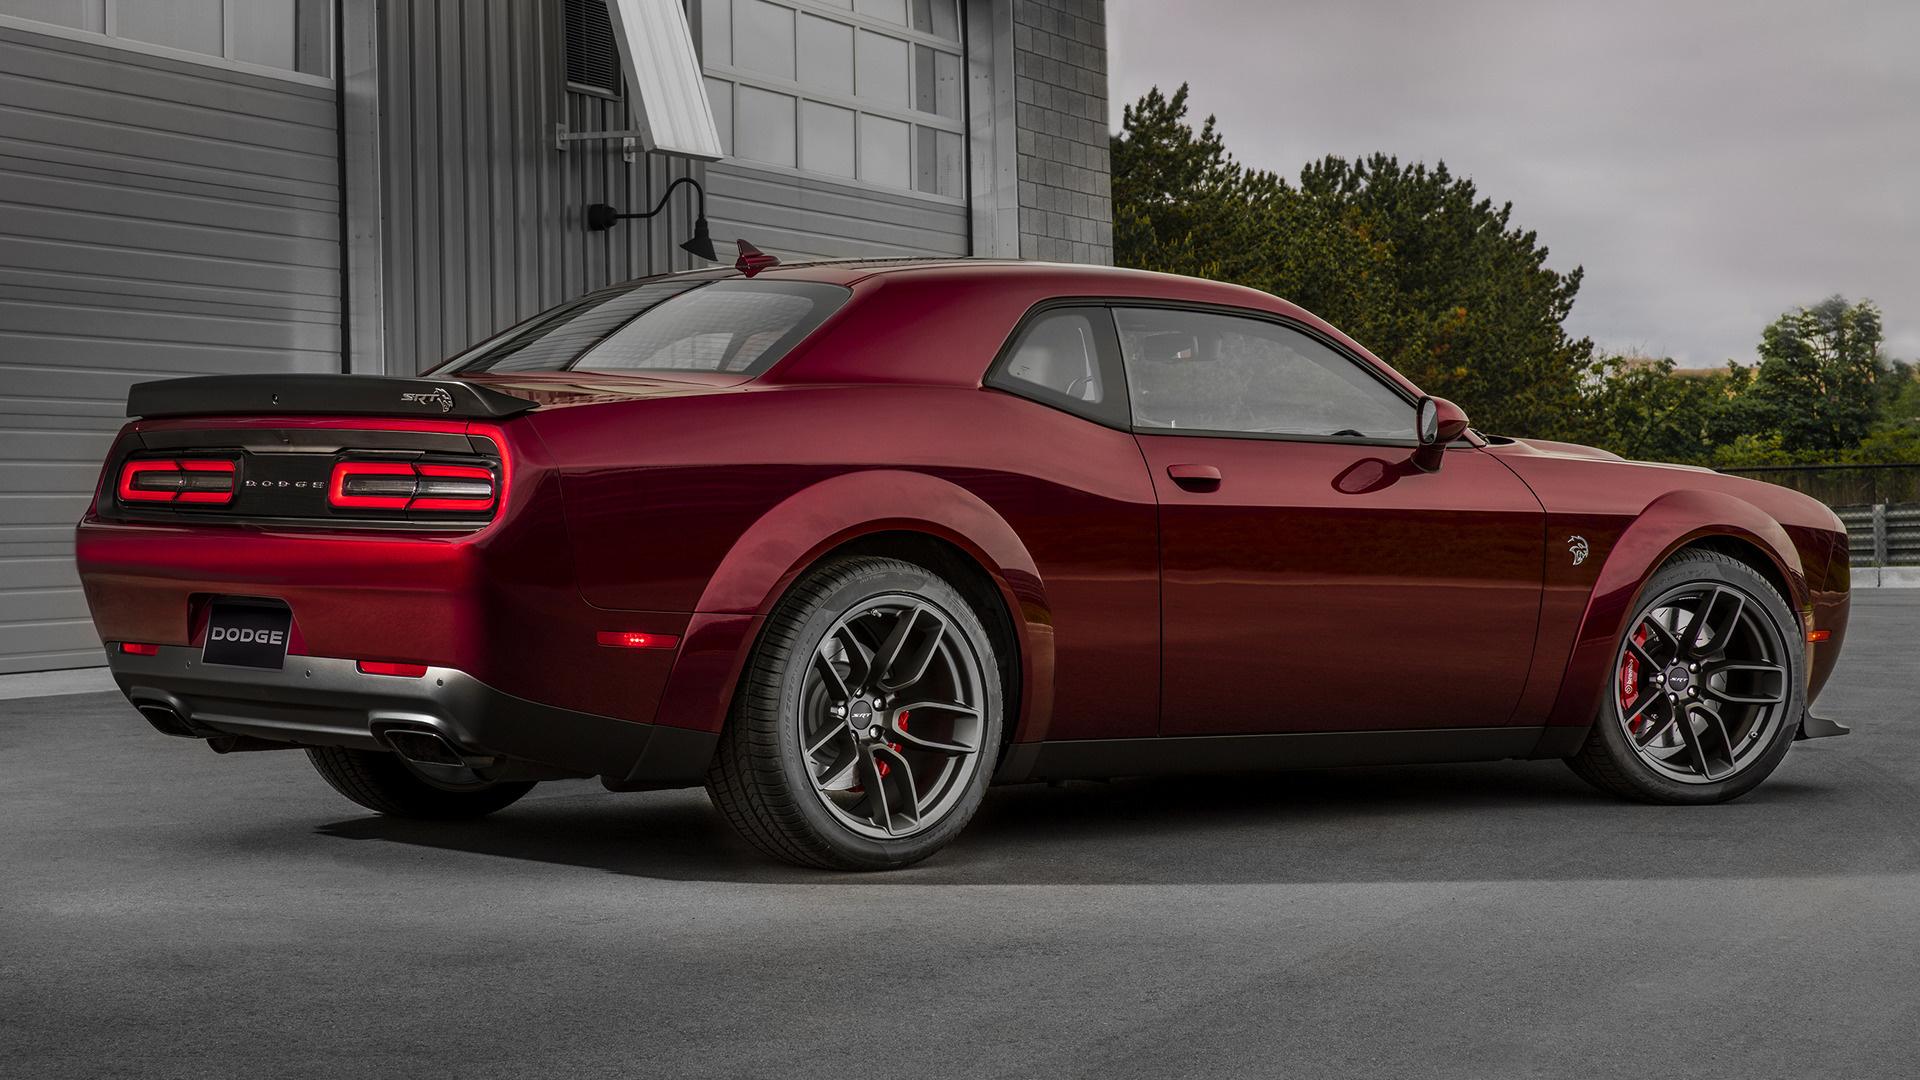 2018 Dodge Challenger Srt Hellcat Widebody Wallpapers